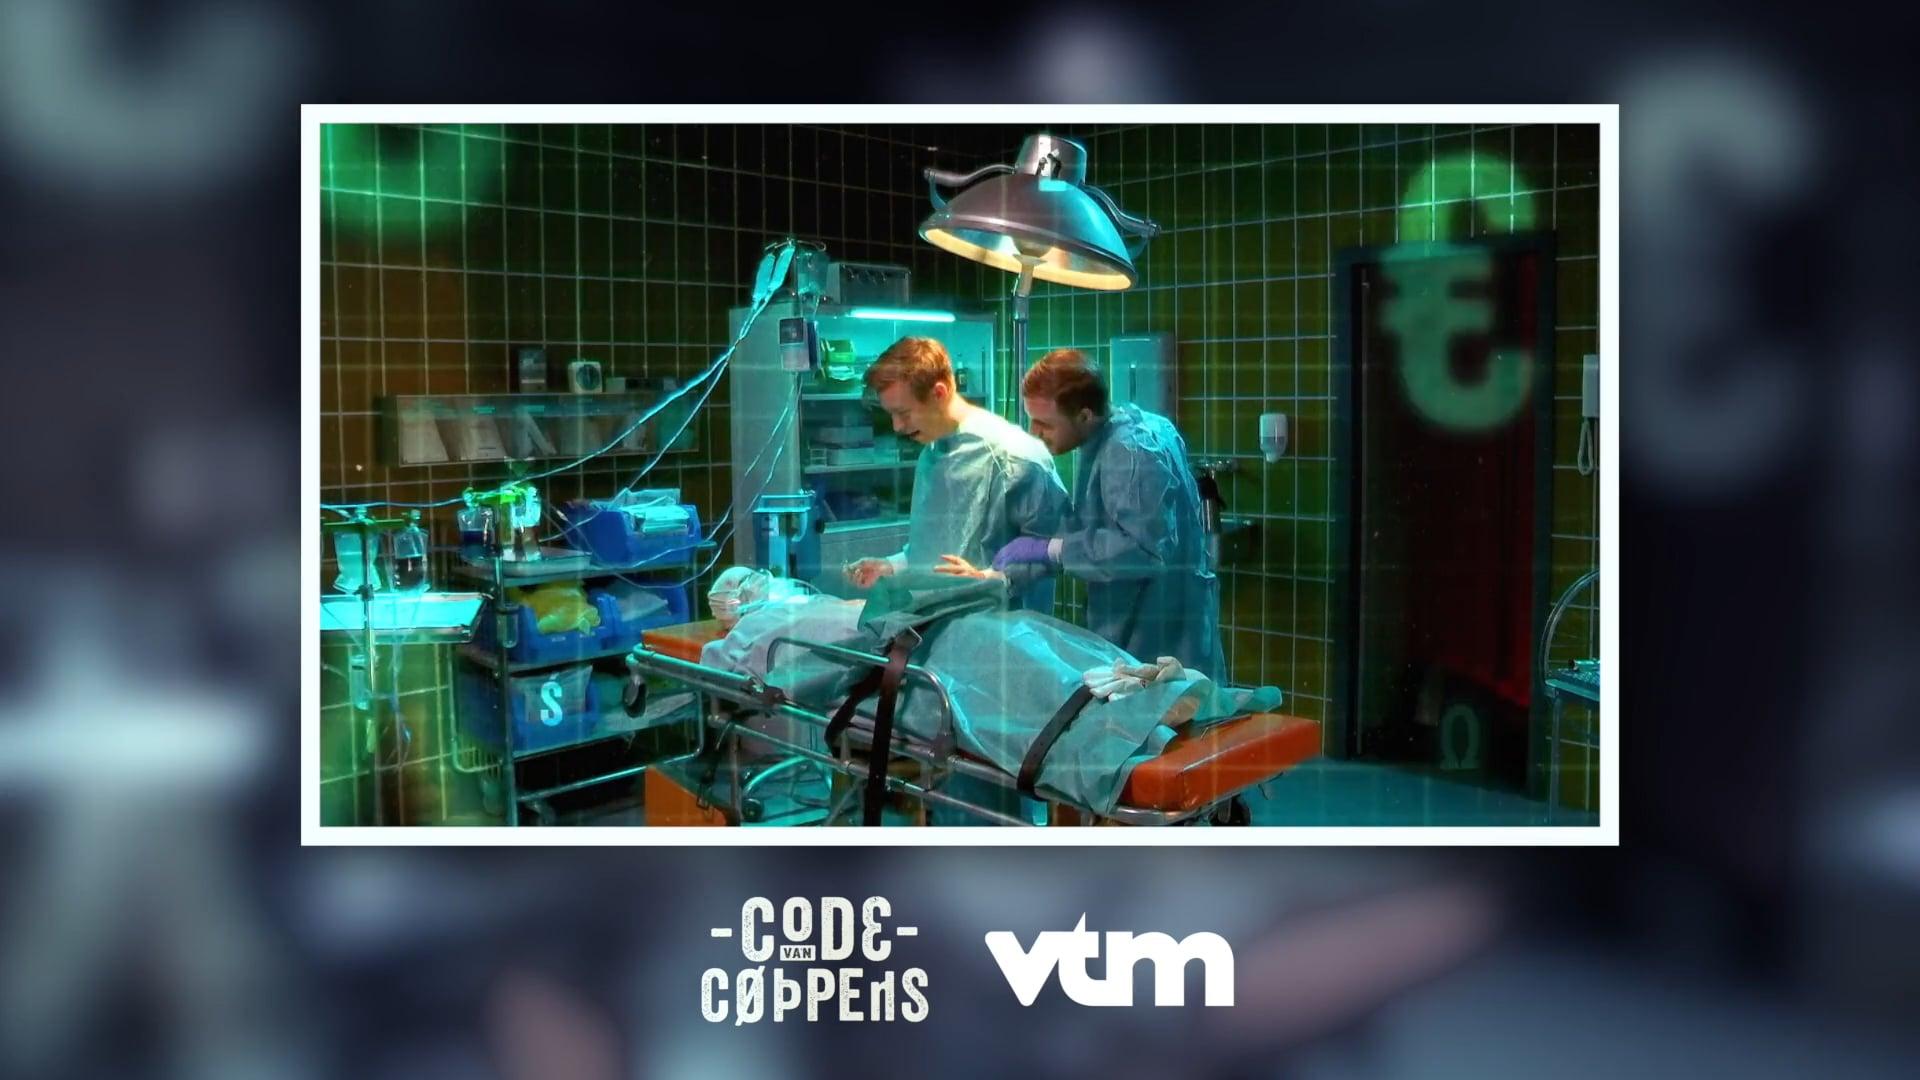 De Code van Coppens